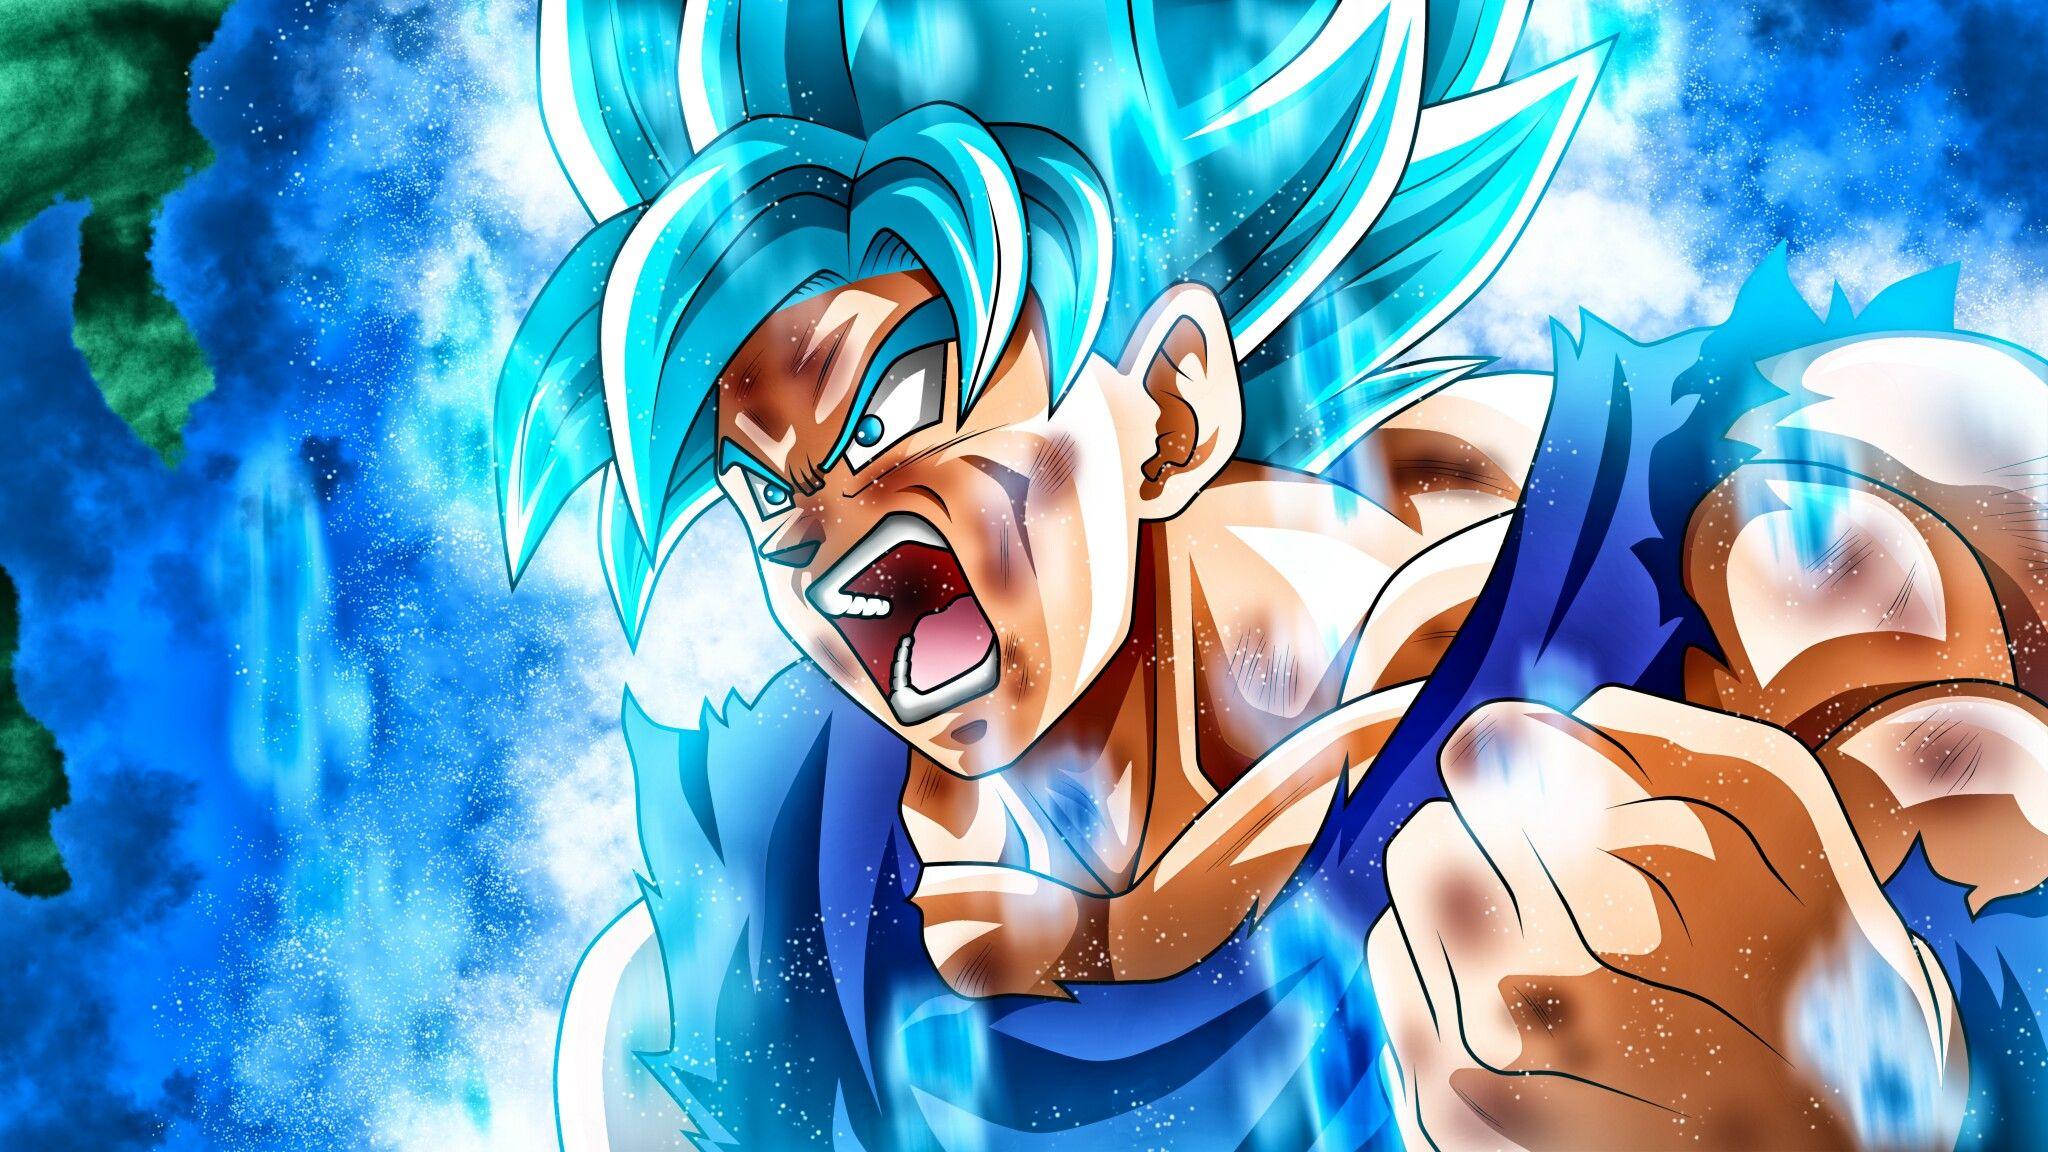 Goku Ssj Blue Dragon Ball Z Goku Super Goku